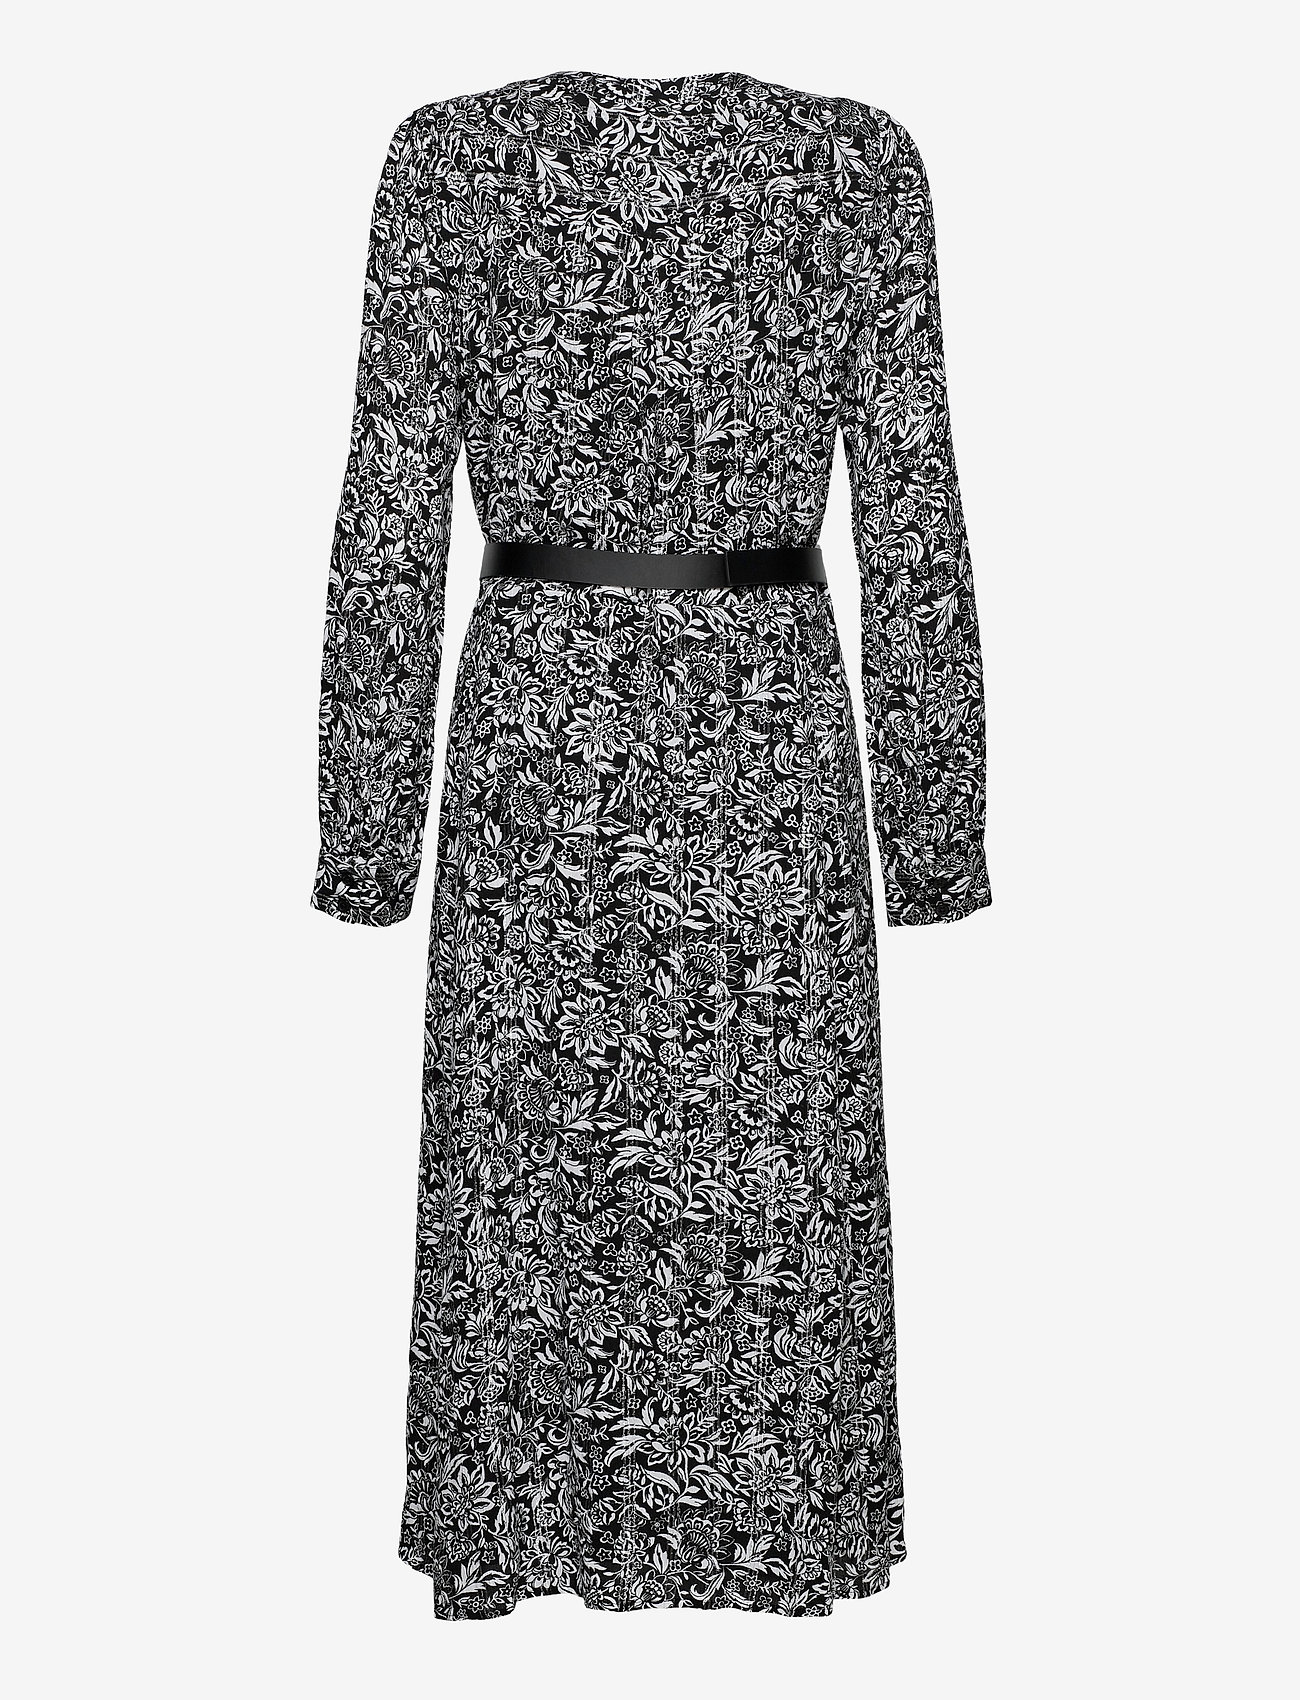 Michael Kors - FLORAL KATE DS - alledaagse jurken - black/white - 1